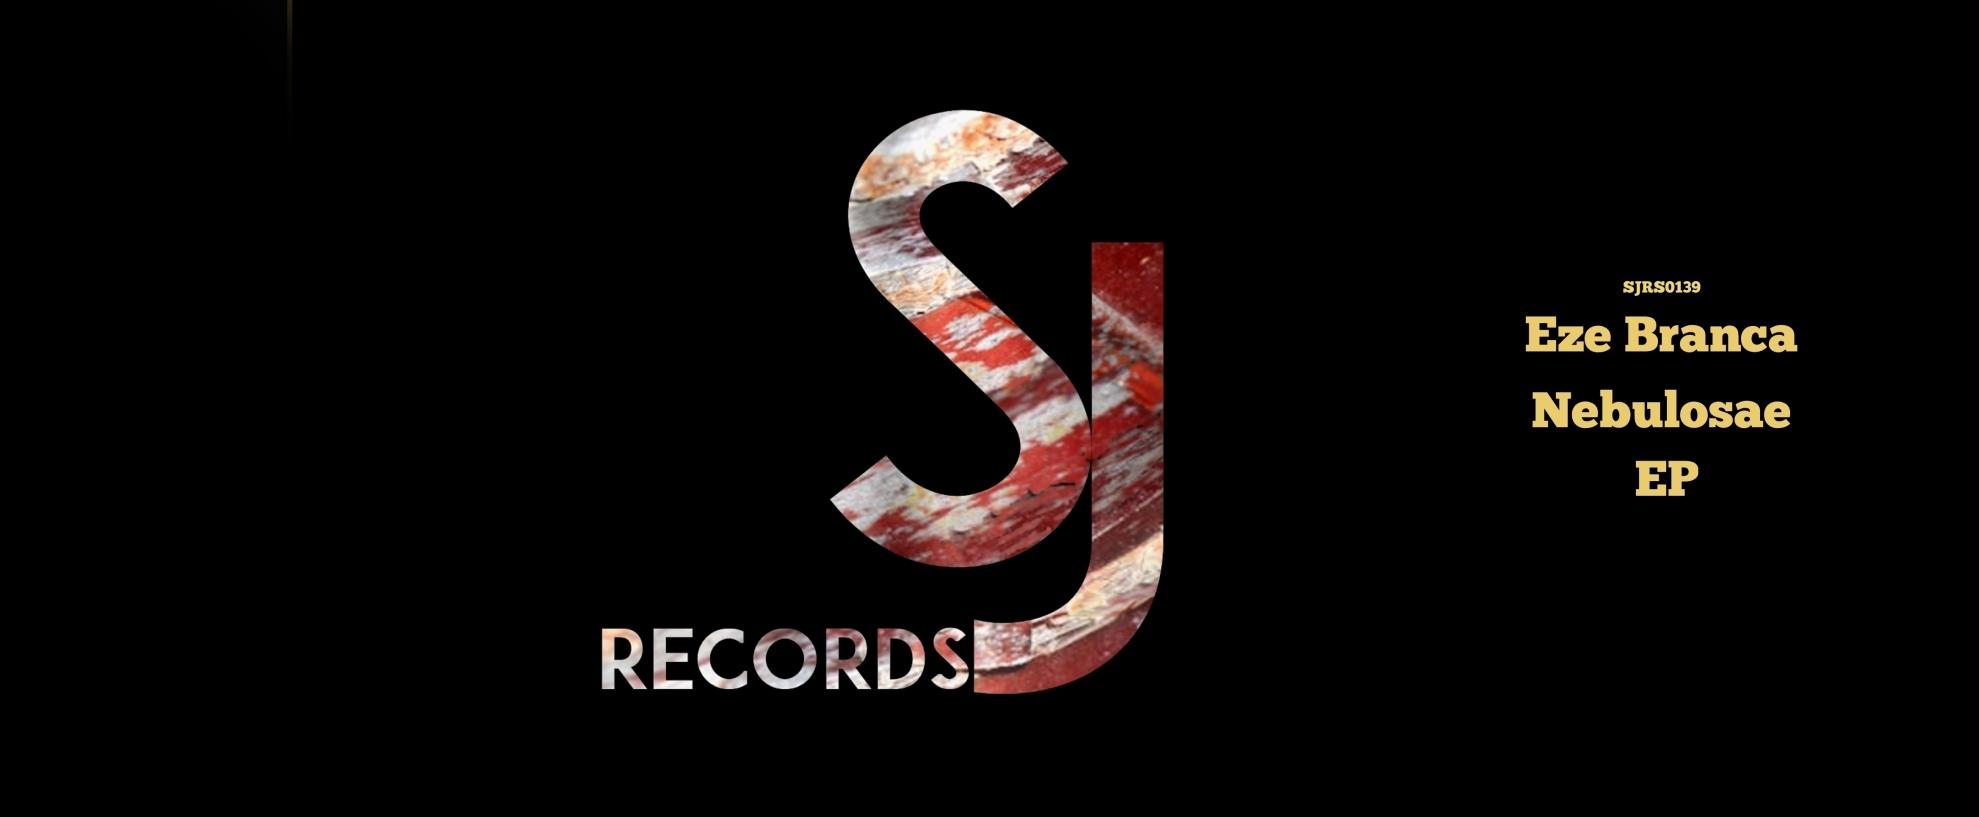 SJRS0139-slide